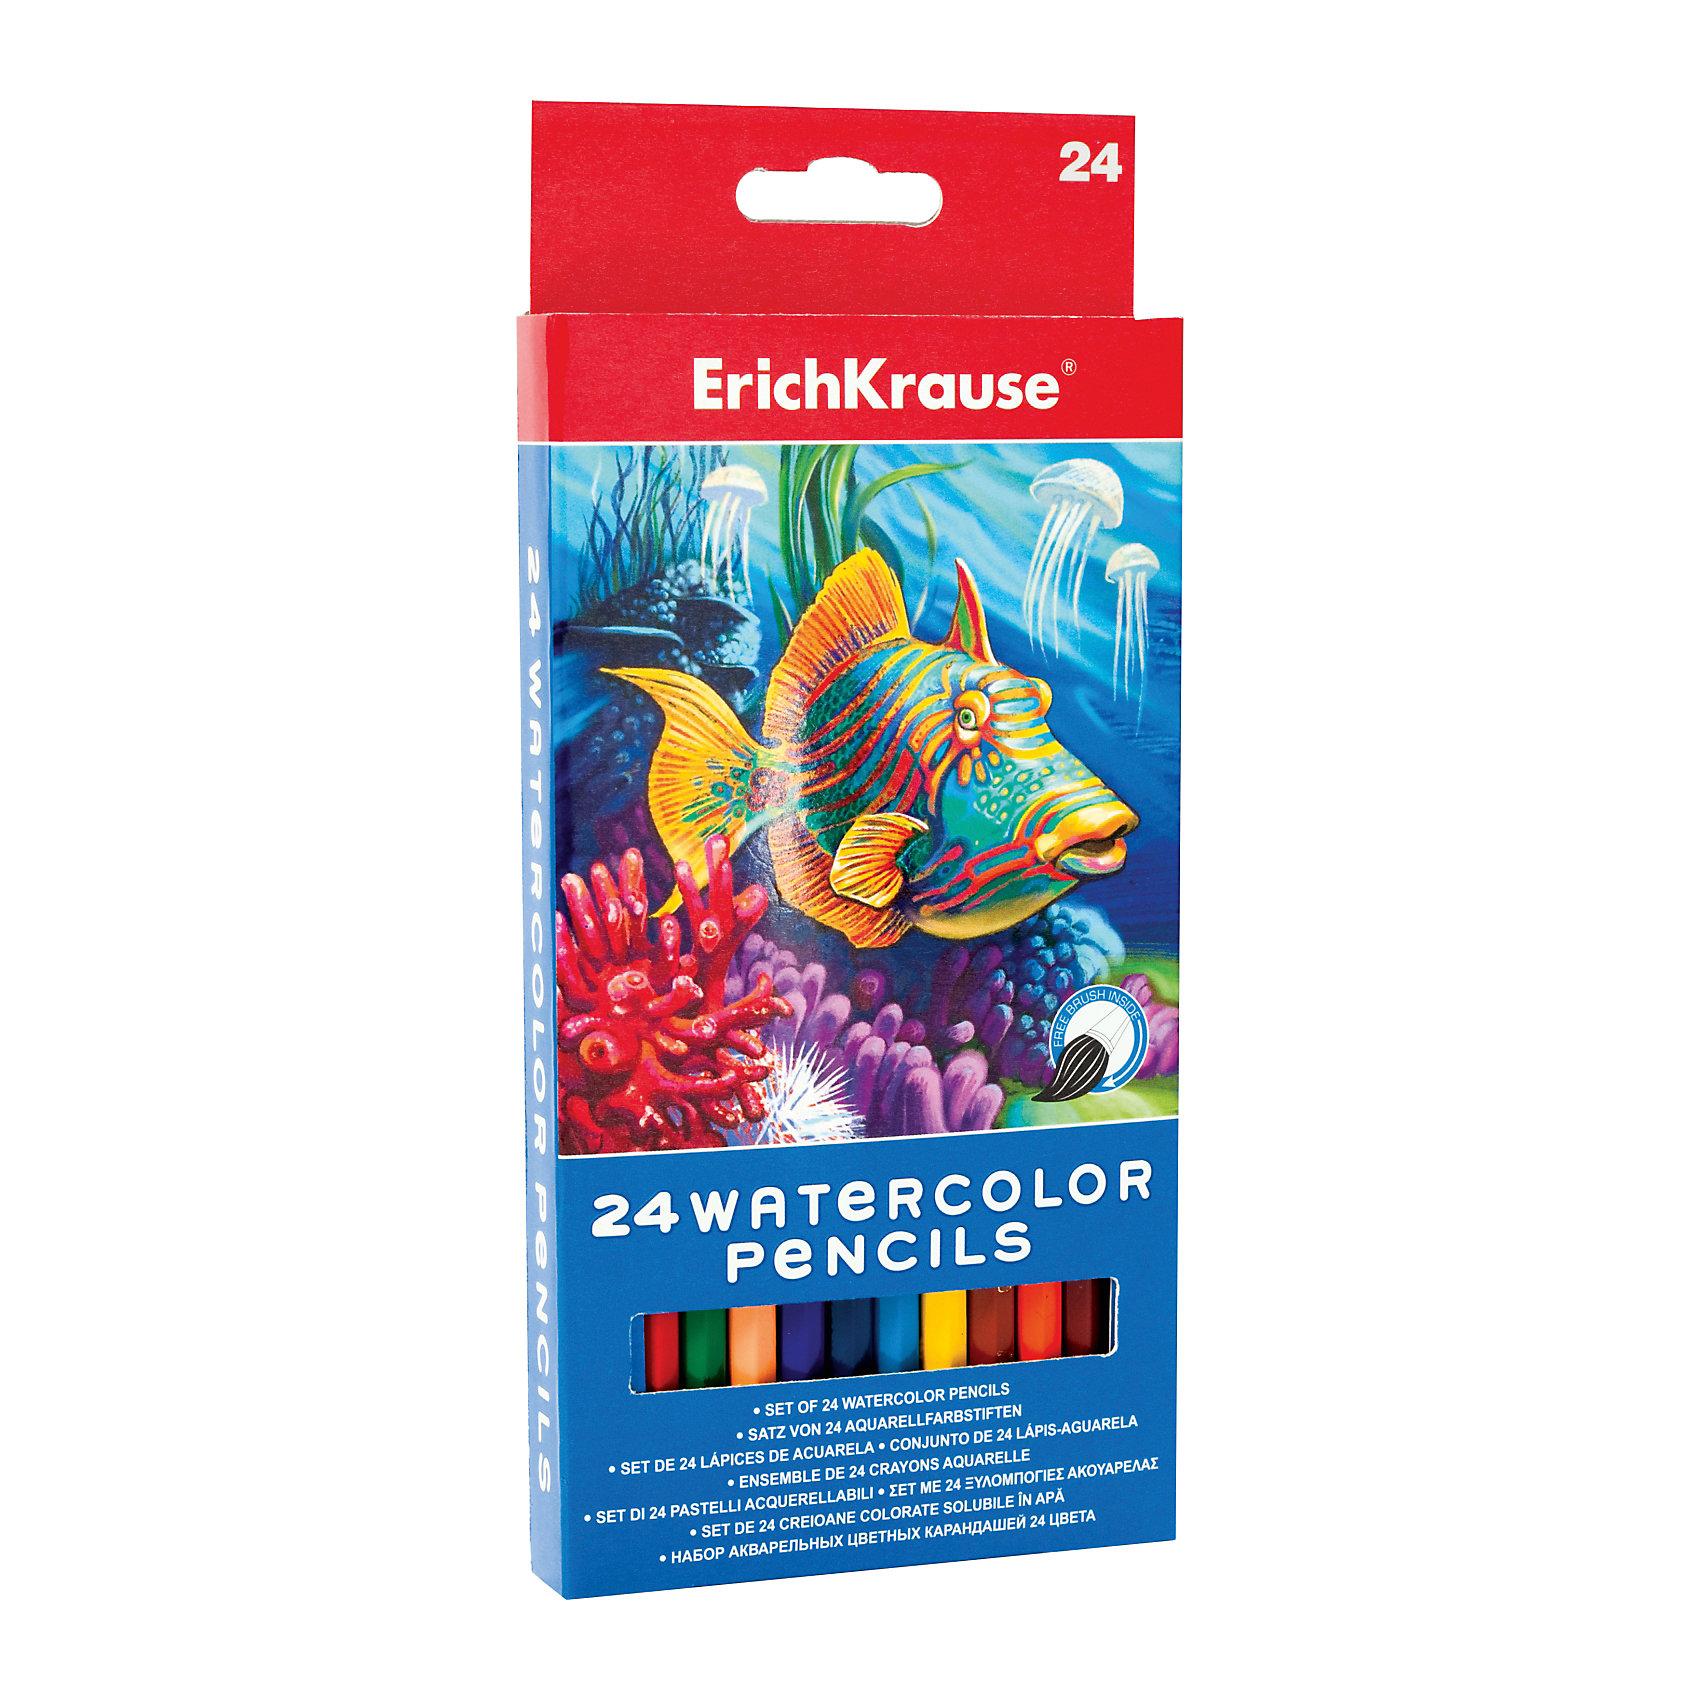 Акварельные карандаши шестигранные, 24 цвета + кисточка, ArtBerryПисьменные принадлежности<br>Характеристики акварельных карандашей шестигранных ArtBerry 24 цвета + кисточка:<br><br>• возраст: от 5 лет<br>• пол: для мальчиков и девочек <br>• тип набора: карандаши<br>• материал кисти: пластик<br>• материал карандашей: дерево<br>• вид карандаша цветной<br>• поверхность бумага<br>• назначение для рисования, для творчества<br>• особенности набора: с кисточкой<br>• диаметр грифеля, 3 мм<br>• количество в упаковке, 24 шт.<br>• длина кисти, 165 мм<br>• страна-изготовитель Китай<br>• упаковка: коробка<br>• размеры: длина карандашей - 175, длина кисточки - 165 мм<br>• размер упаковки (дхшхв): 21x2x9 см<br>• комплектация 24 карандаша, кисточка<br>• вес в упаковке, 153 г<br><br>Набор цветных акварельных карандашей торговой марки Erich Krause рекомендован для обучения рисованию детей дошкольного возраста. Набор включает в себя 24 карандаша и кисточку. Эргономичная шестигранная форма корпуса карандаша выполнена из натурального дерева. Специальная обработка дерева позволяет легко затачивать карандаши. Карандаш удобно держать в руке, мягкий грифель обеспечивает яркие и насыщенные цвета. При размывании водой создается эффект акварельного рисунка.<br><br>Набор цветных акварельных карандашей ArtBerry 24 цвета + кисточка торговой марки Erich Krause можно купить в нашем интернет-магазине.<br><br>Ширина мм: 94<br>Глубина мм: 208<br>Высота мм: 17<br>Вес г: 163<br>Возраст от месяцев: 60<br>Возраст до месяцев: 216<br>Пол: Унисекс<br>Возраст: Детский<br>SKU: 5409239